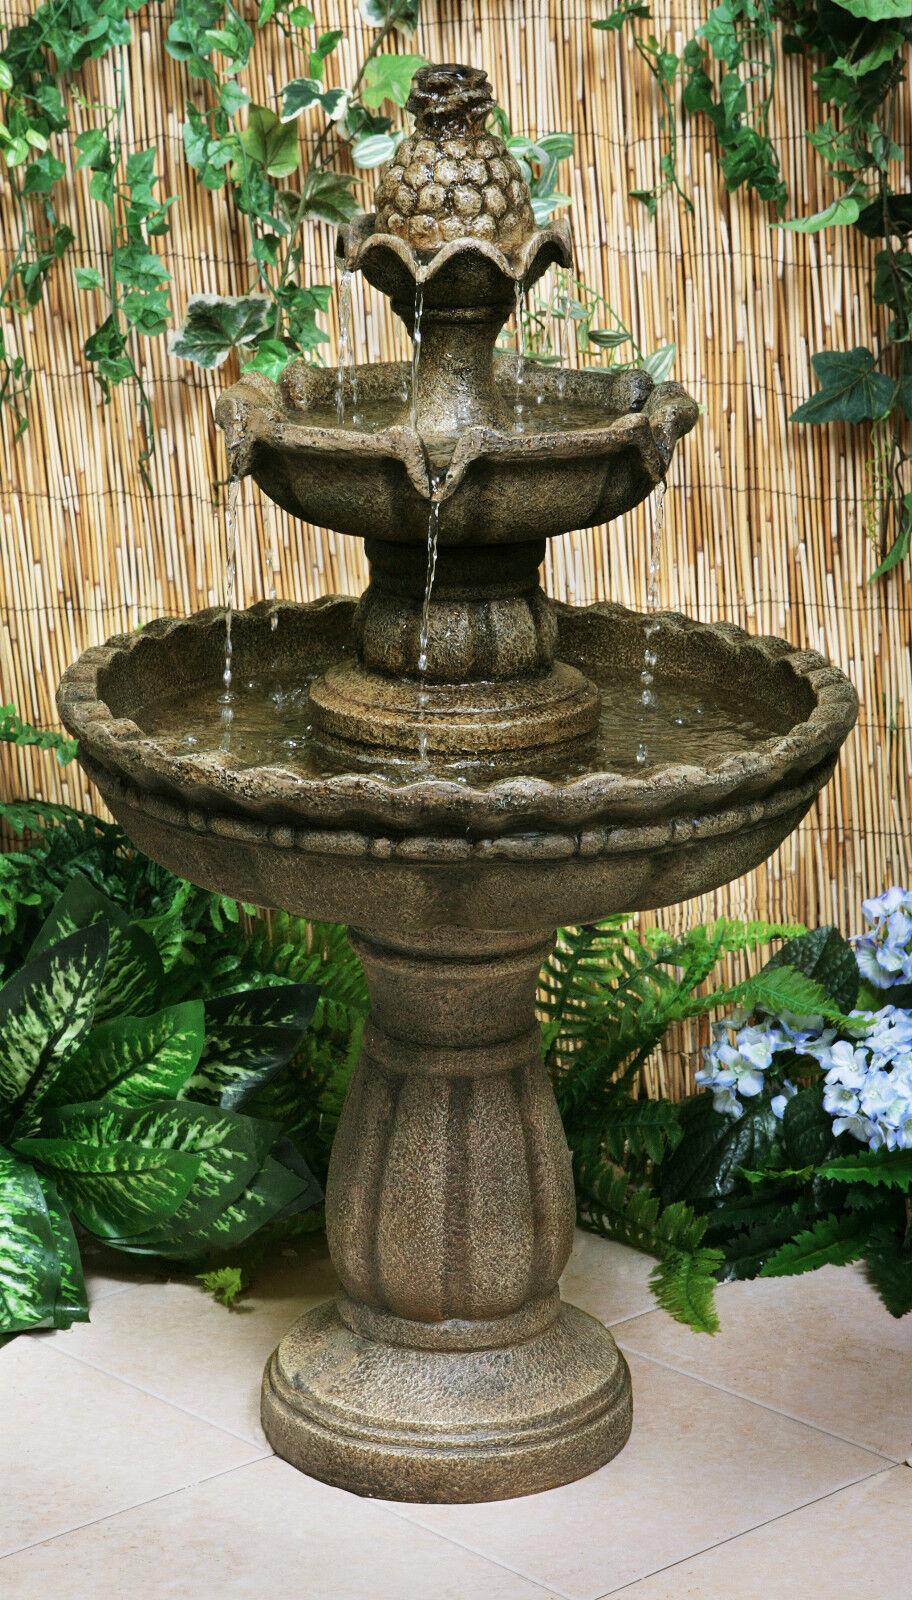 Jata Giardino Fontana Esterno d'Acqua Terrazzo Decorazioni